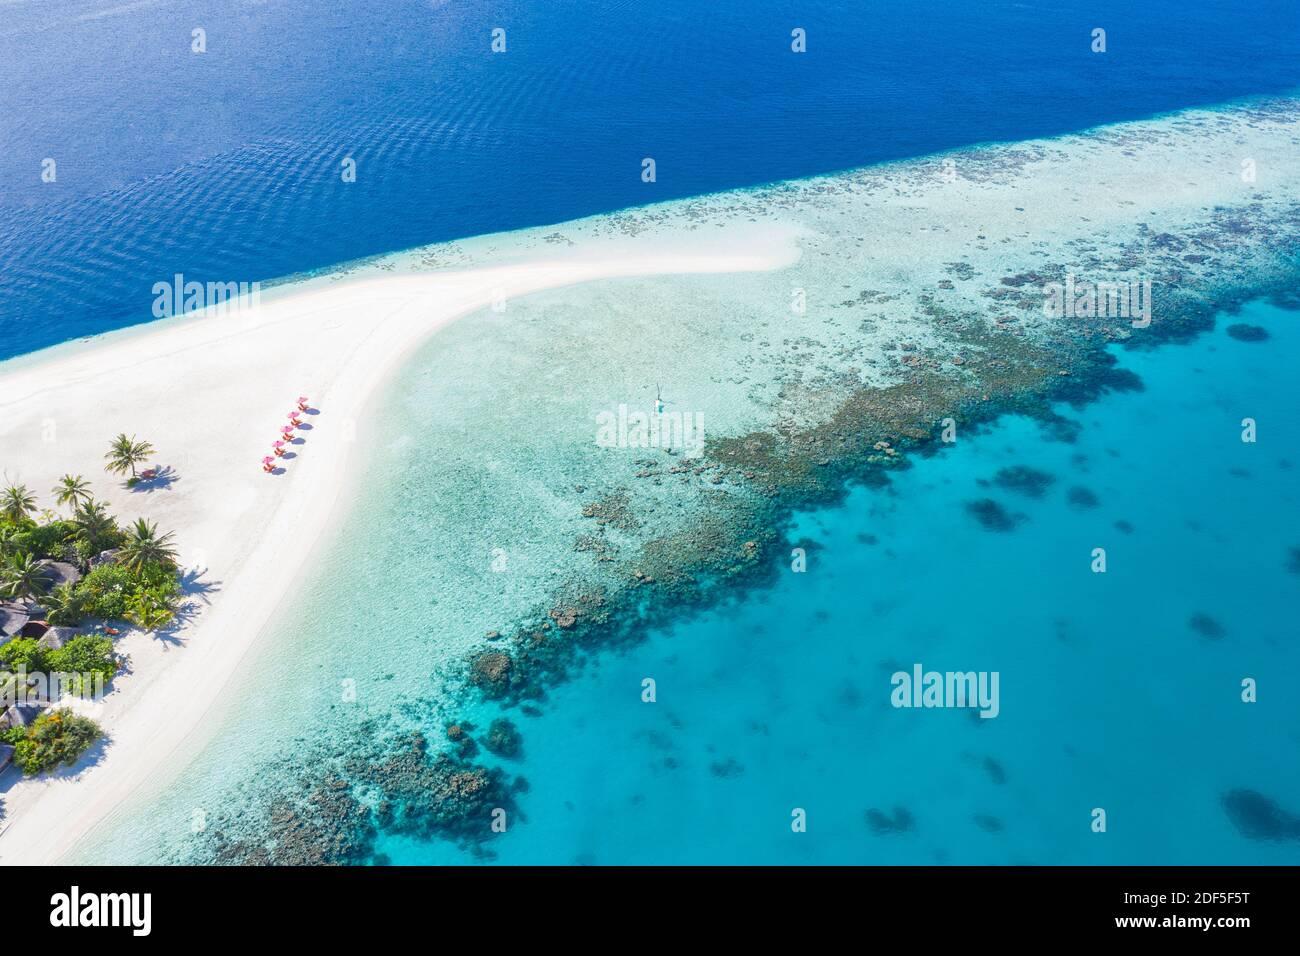 Paysage aérien incroyable dans les îles Maldives. Vue sur mer bleue et récif de corail parfaite depuis un drone ou un avion. Voyage exotique d'été et paysage de vacances Banque D'Images